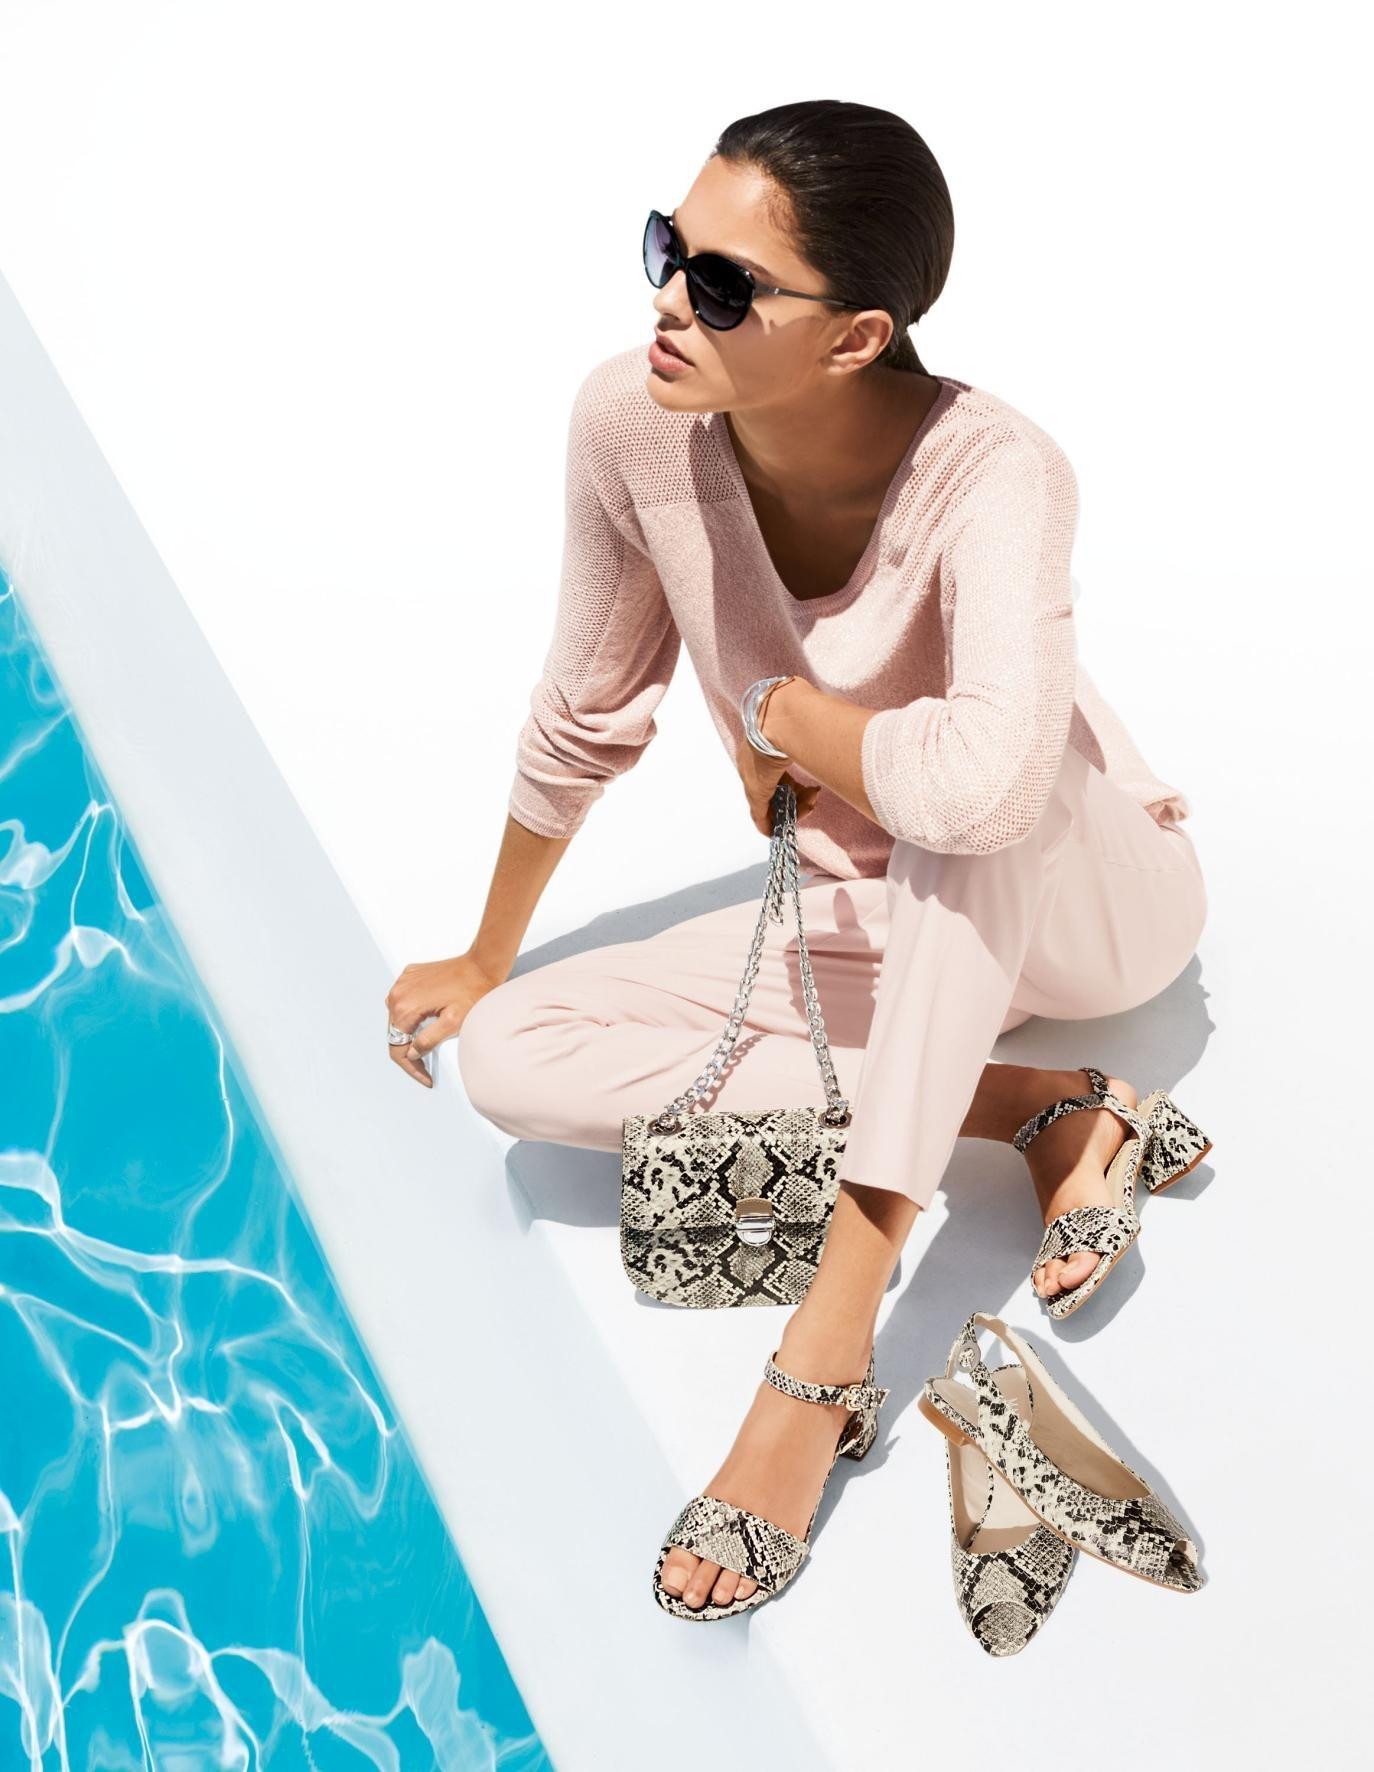 Frau am Pool sitzend mit Sonnenbrille und Handtasche